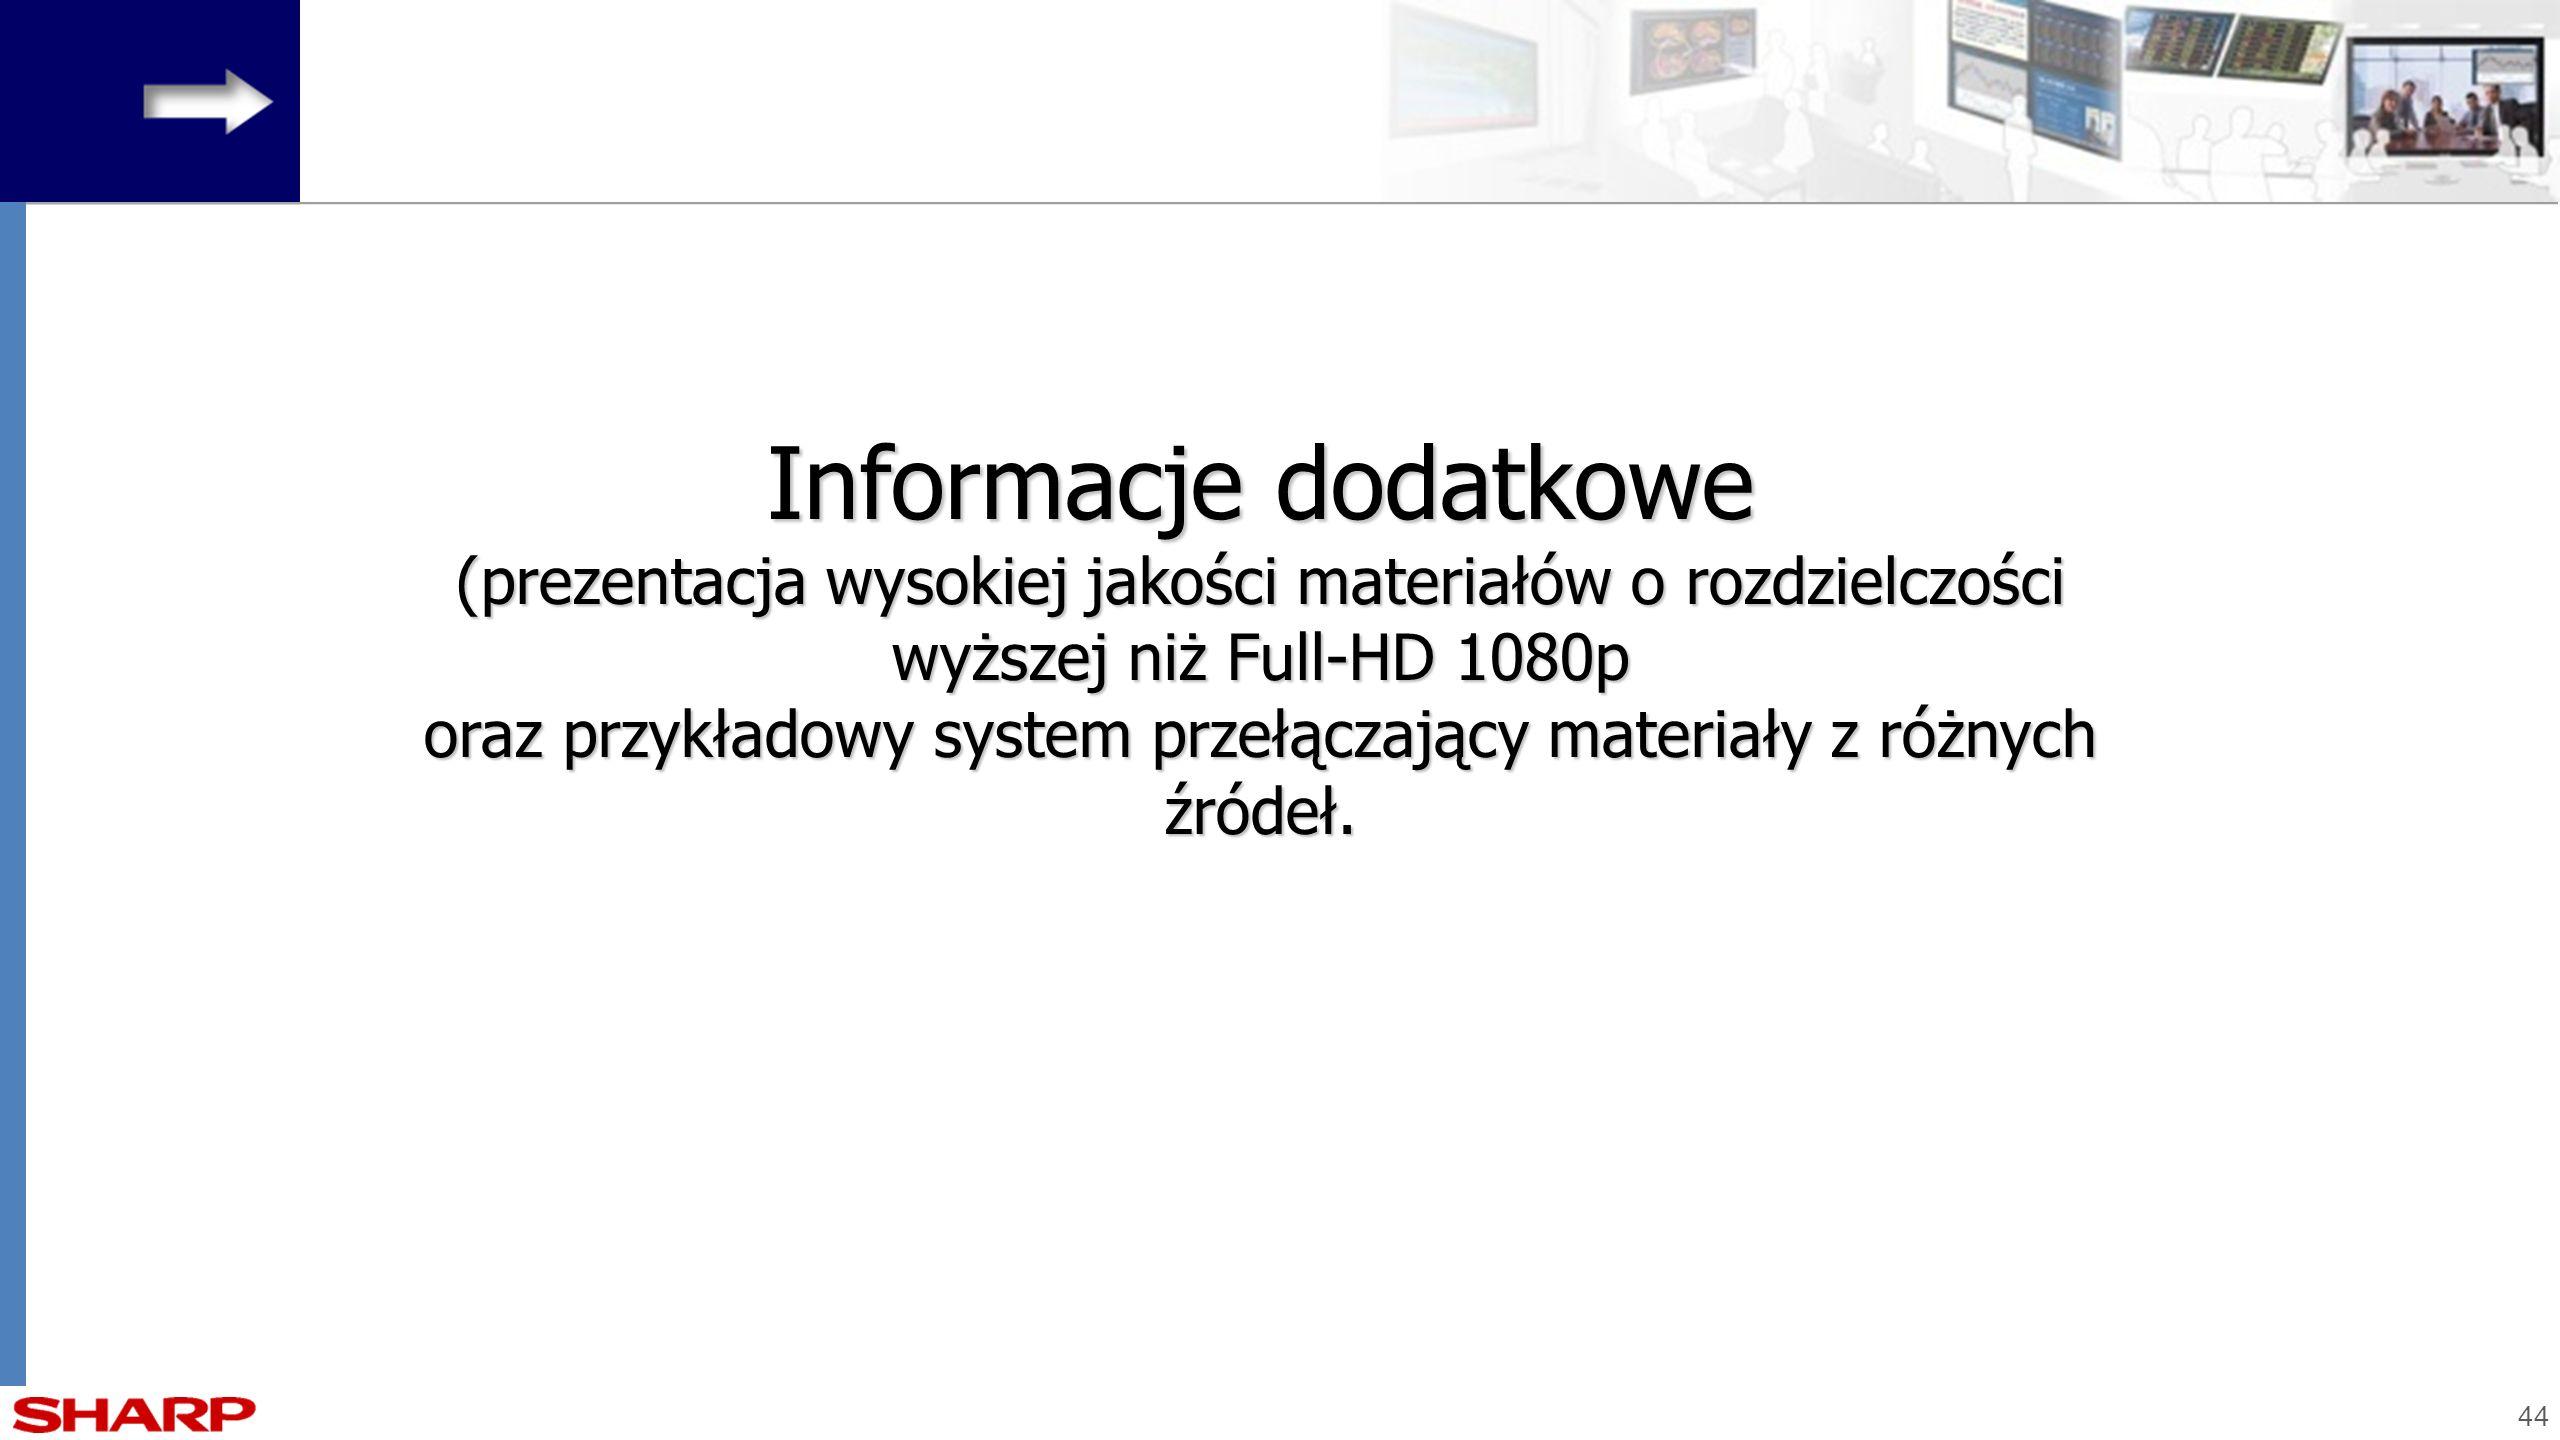 Informacje dodatkowe (prezentacja wysokiej jakości materiałów o rozdzielczości wyższej niż Full-HD 1080p oraz przykładowy system przełączający materiały z różnych źródeł.